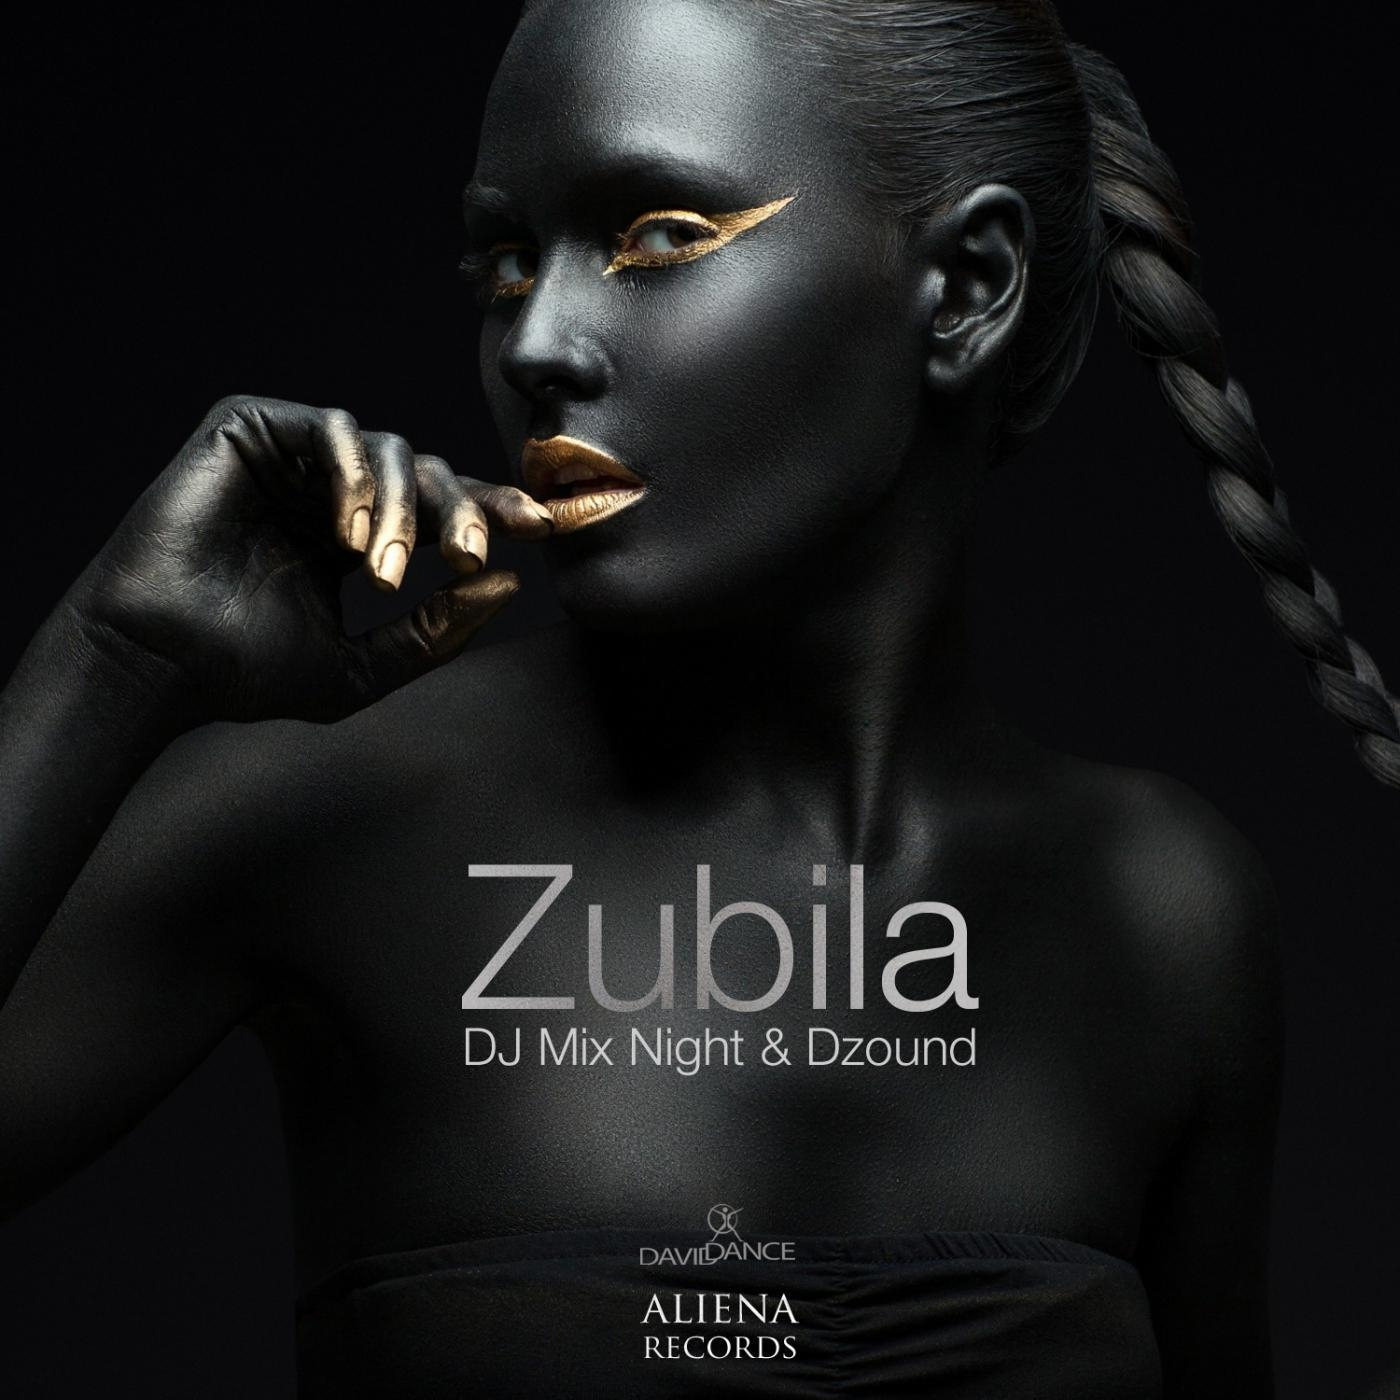 Dj Mix Night & Dzound - Zubila (Original mix)